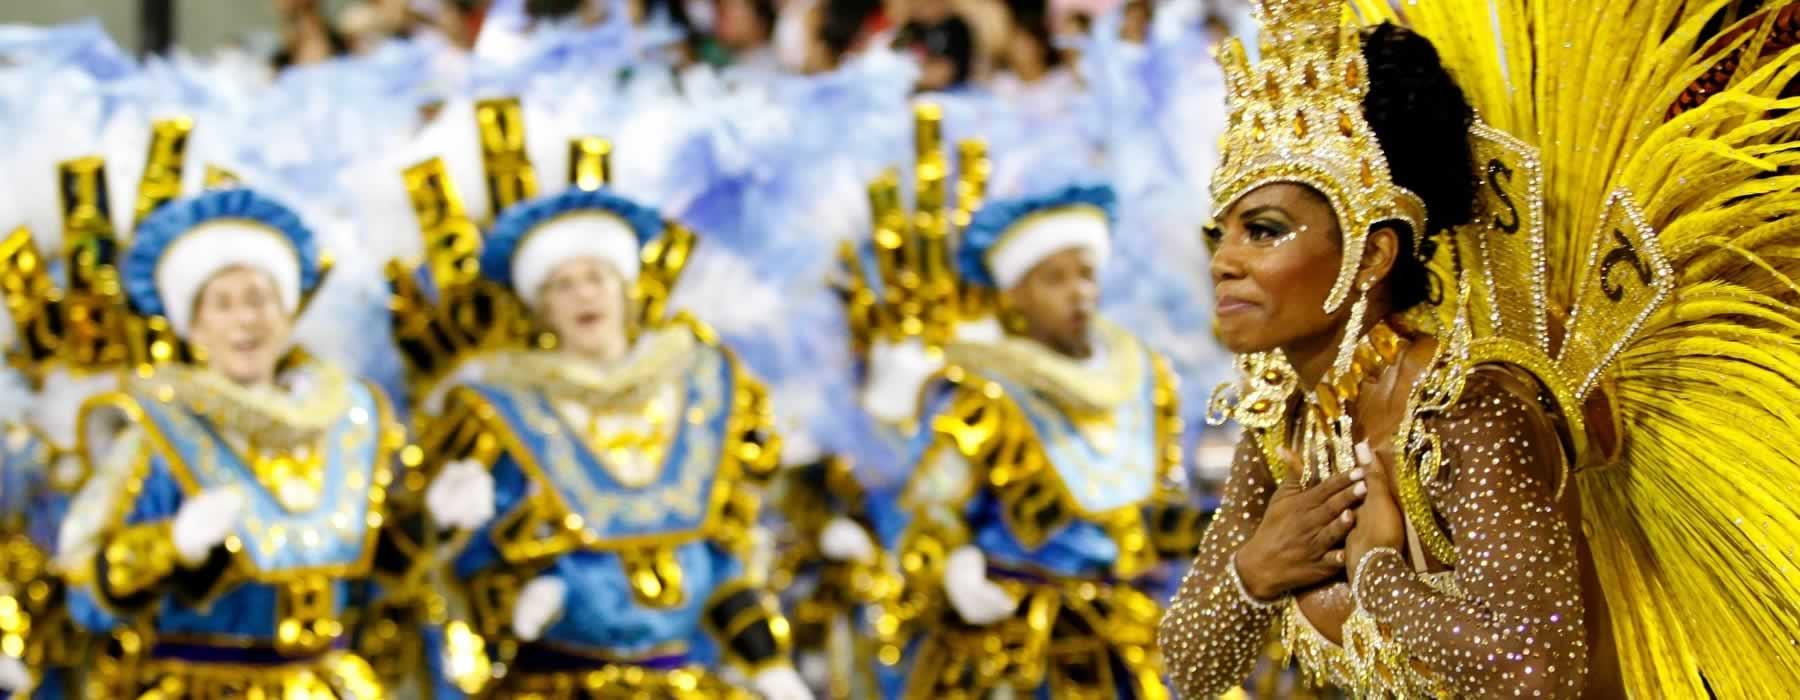 ensaio-escola-samba-Tour-Rio-de-Janeiro-Passeios